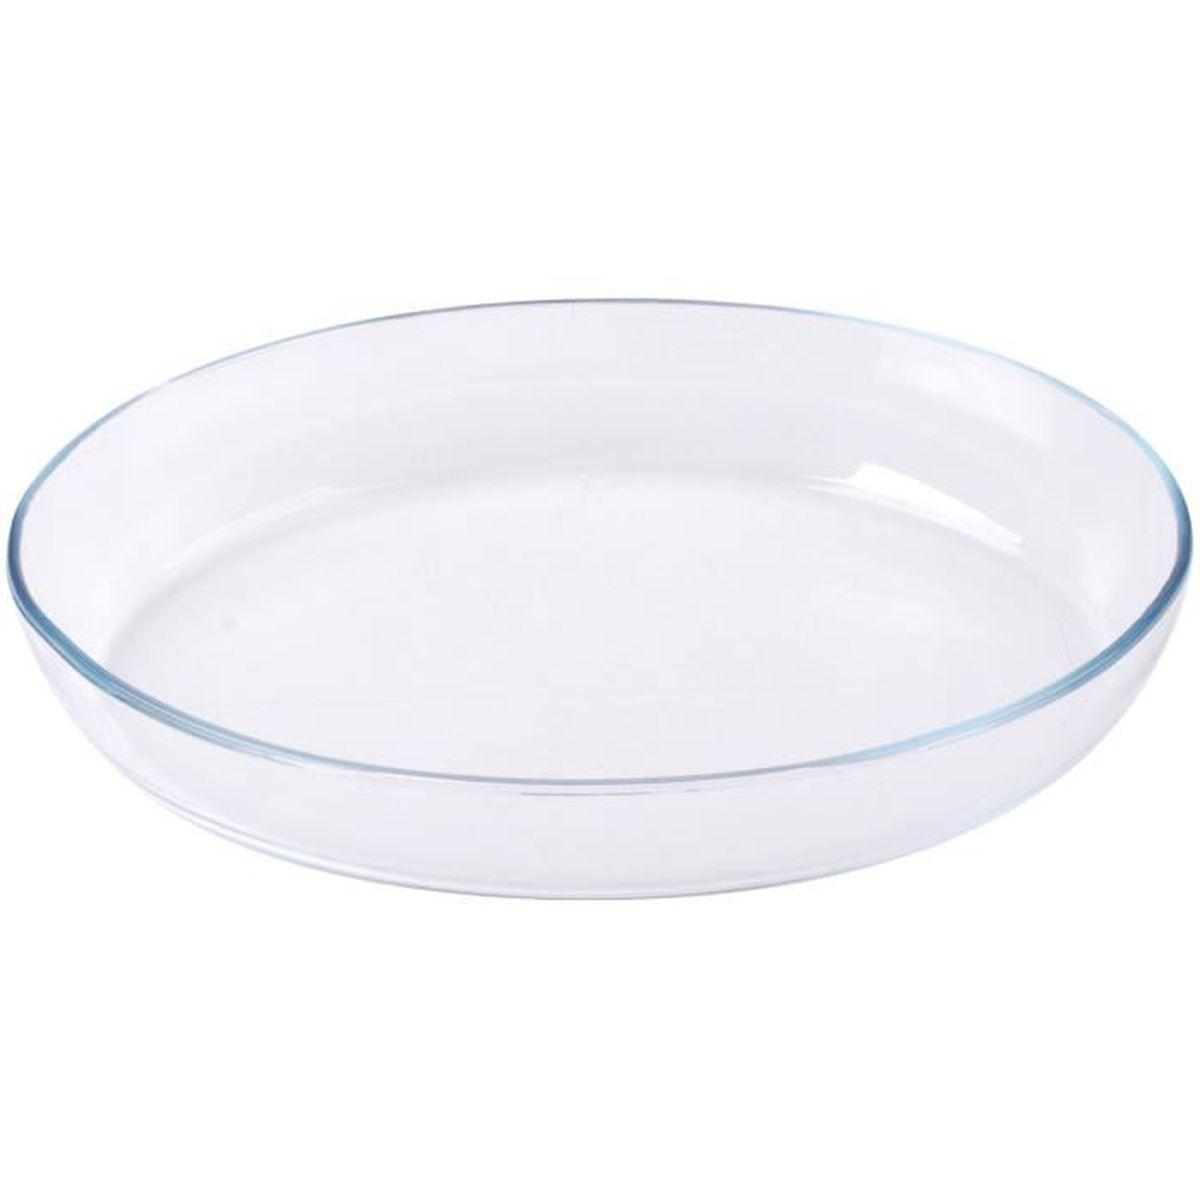 Plat En Verre Sur Plaque Induction plat a four en verre borcam extra epais design ovale 26cm blanc